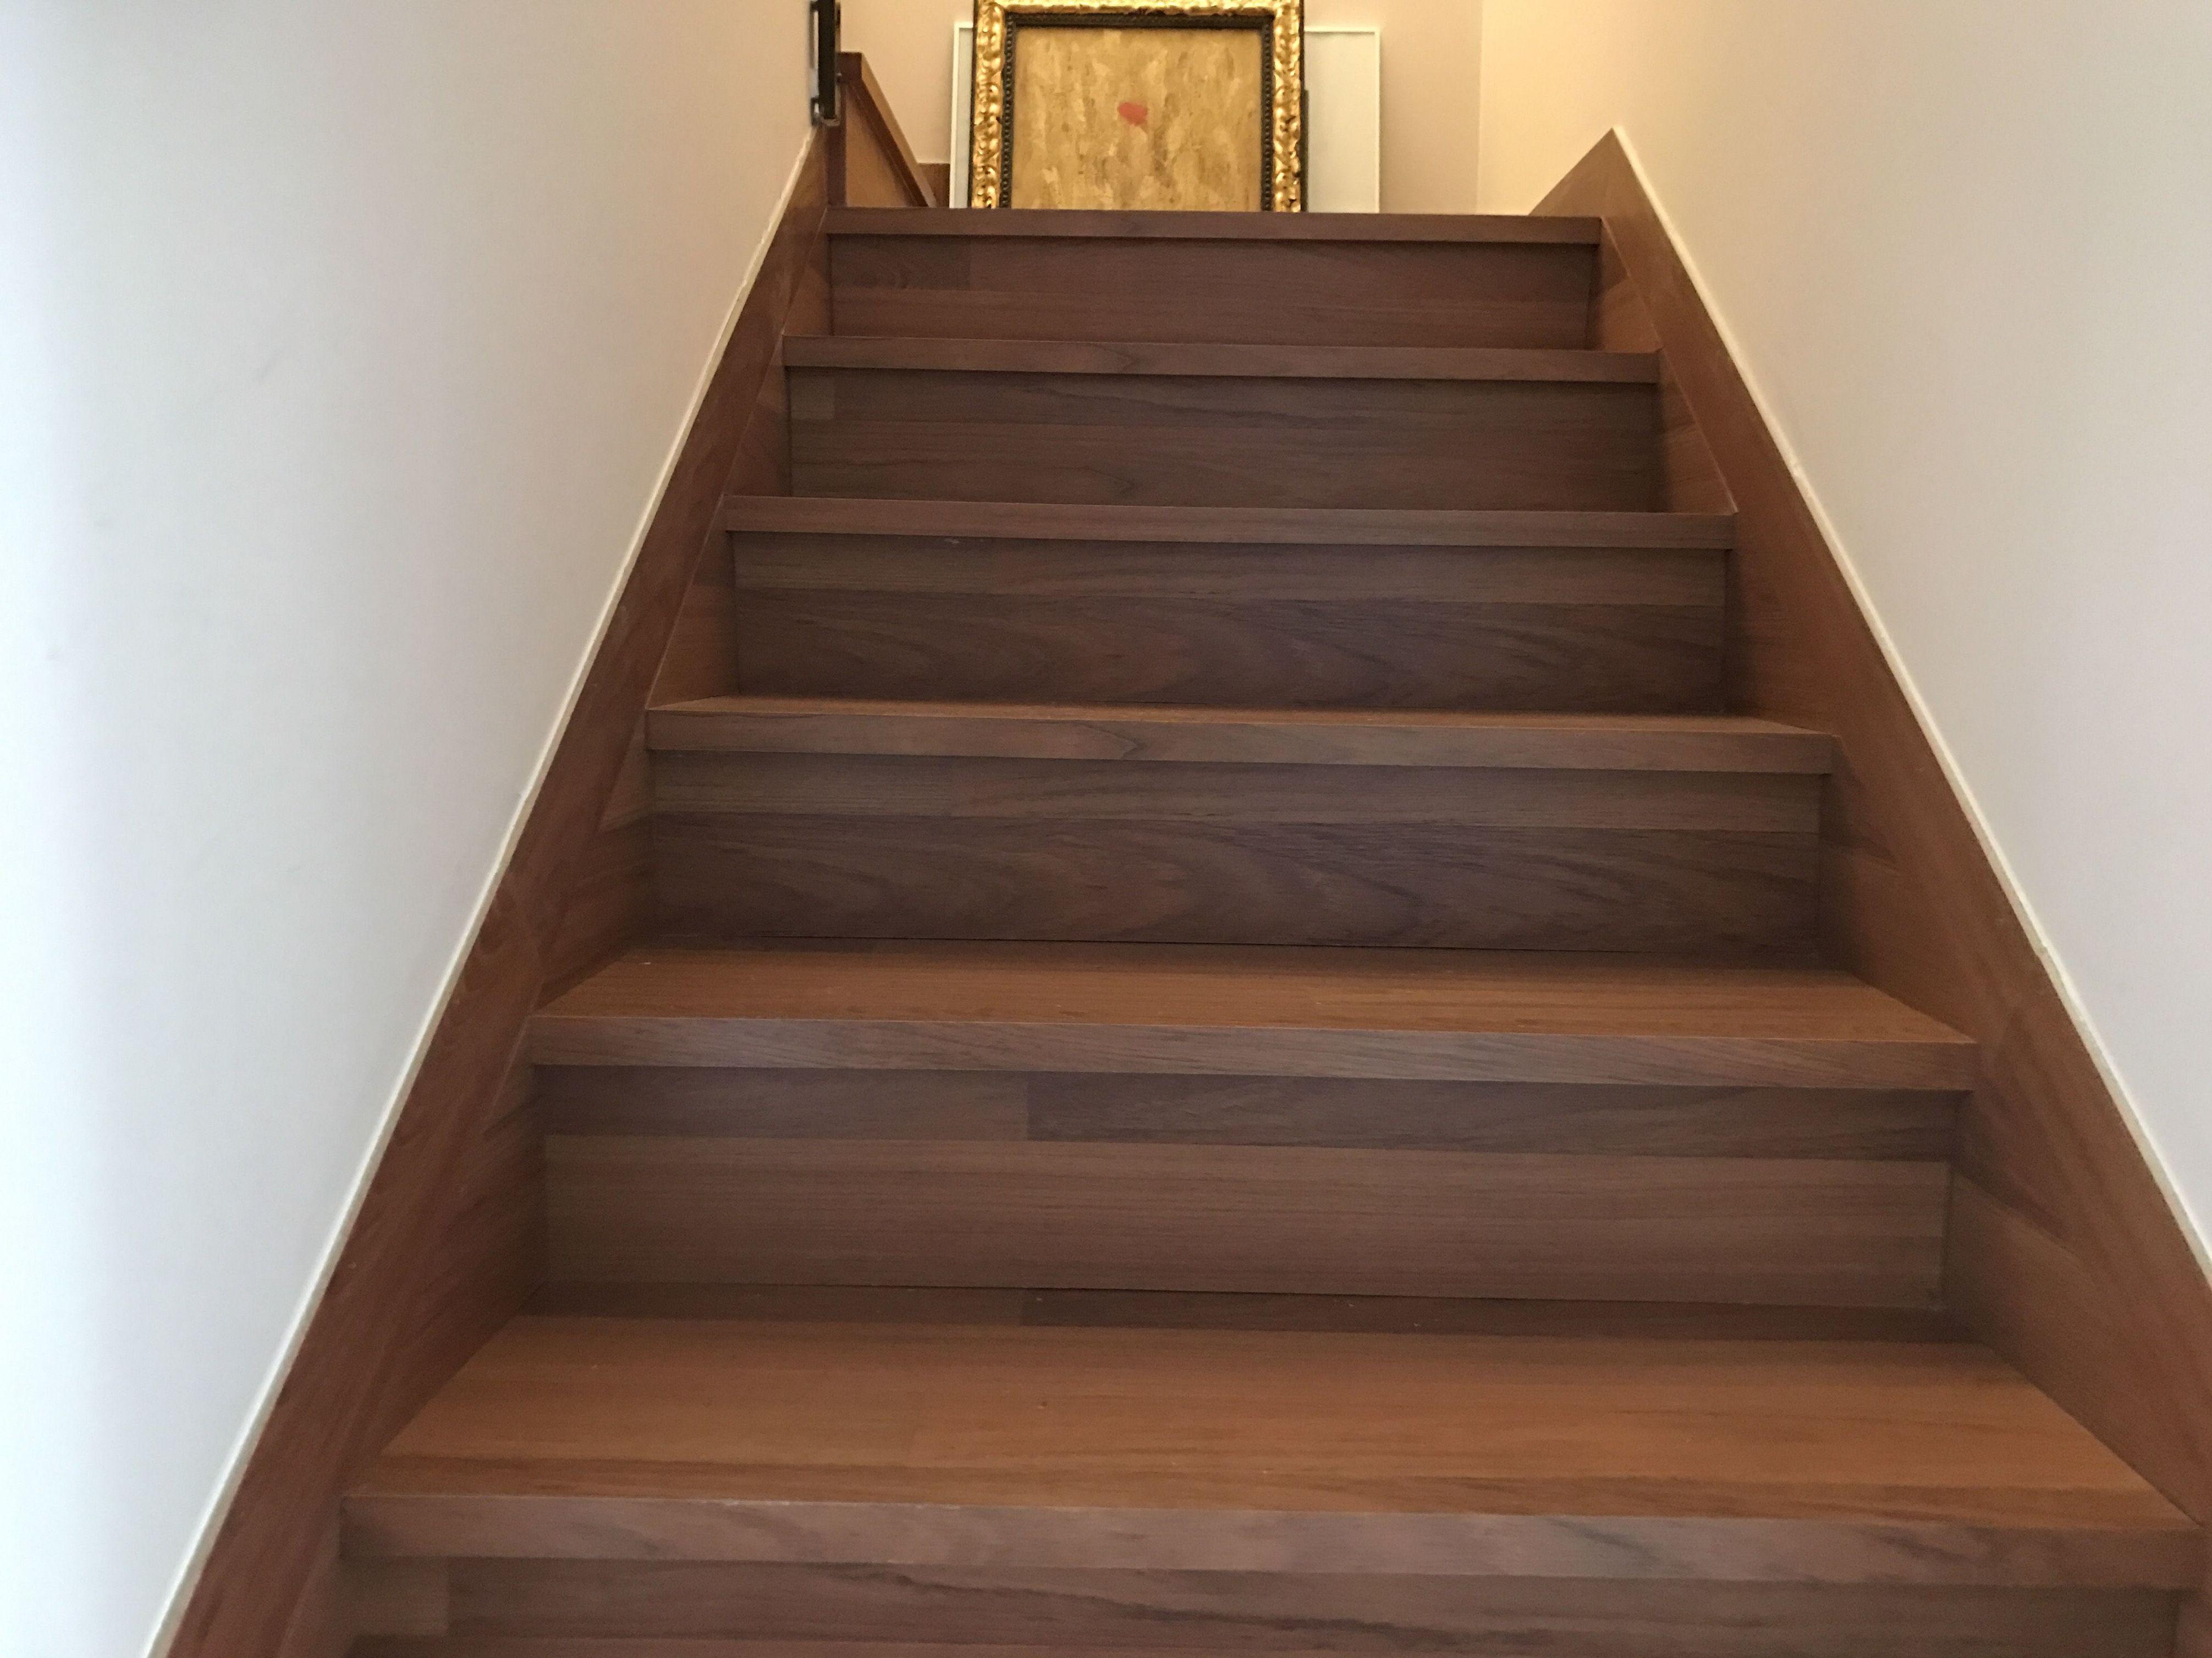 Escaleras forradas escalera tarima flotante nogal for Escaleras de parquet